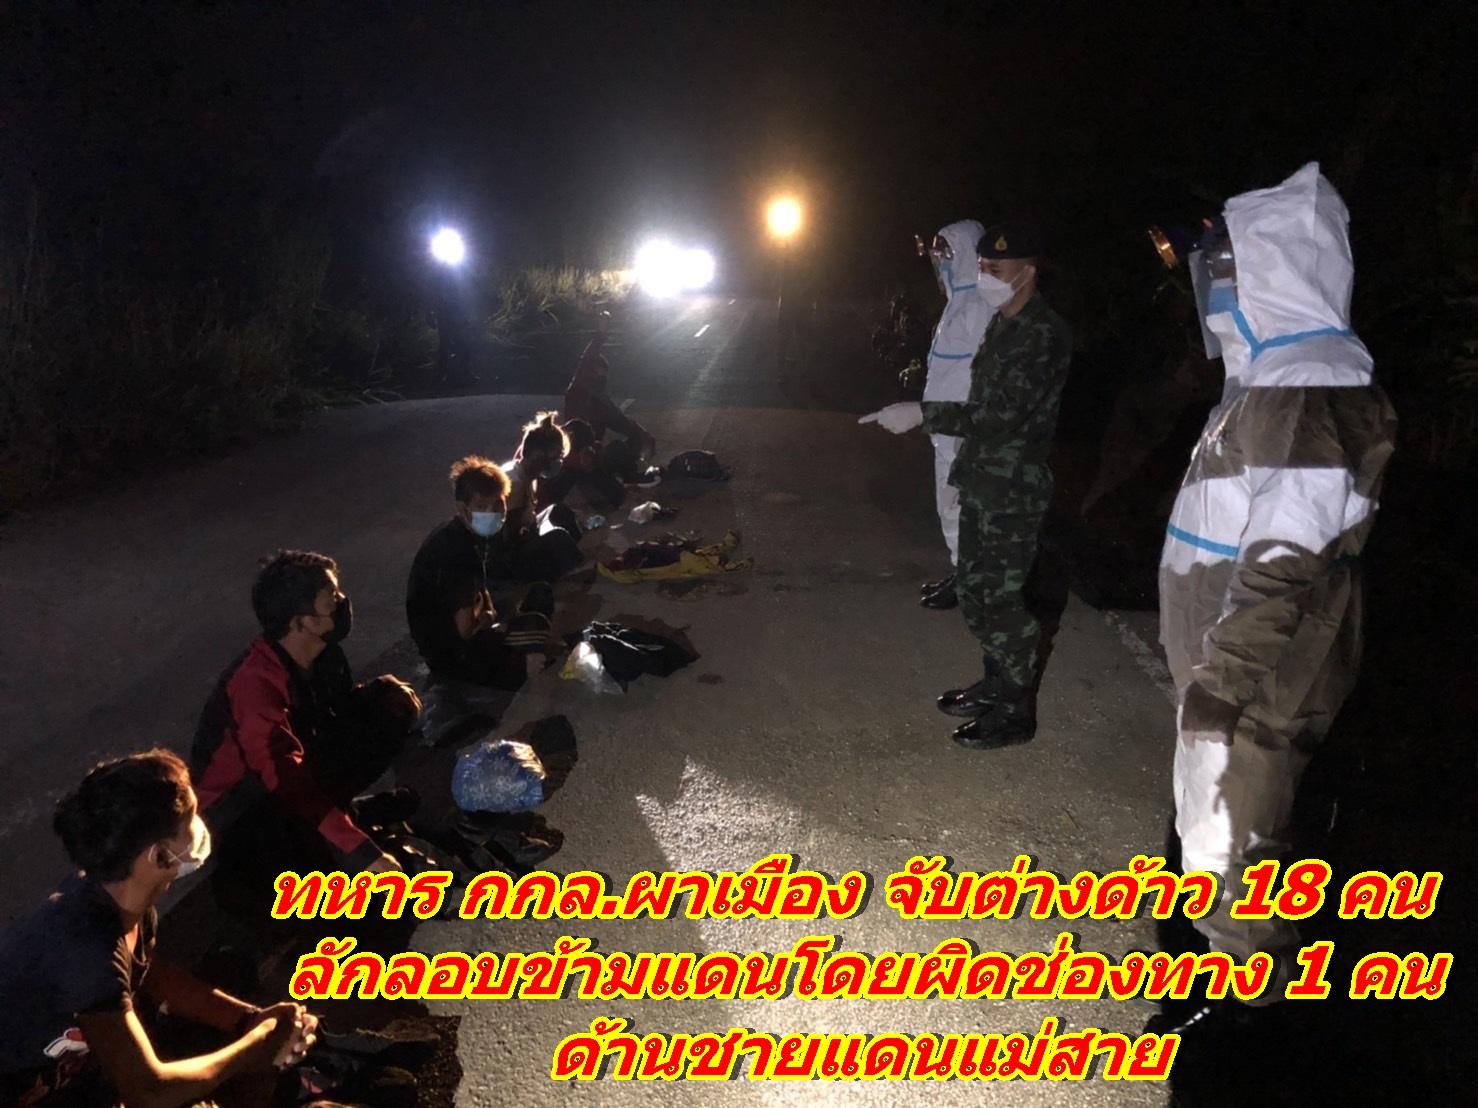 ทหาร กกล.ผาเมือง จับต่างด้าว 18 คน ลักลอบข้ามแดนโดยผิดช่องทาง 1 คน  ด้านชายแดนแม่สาย